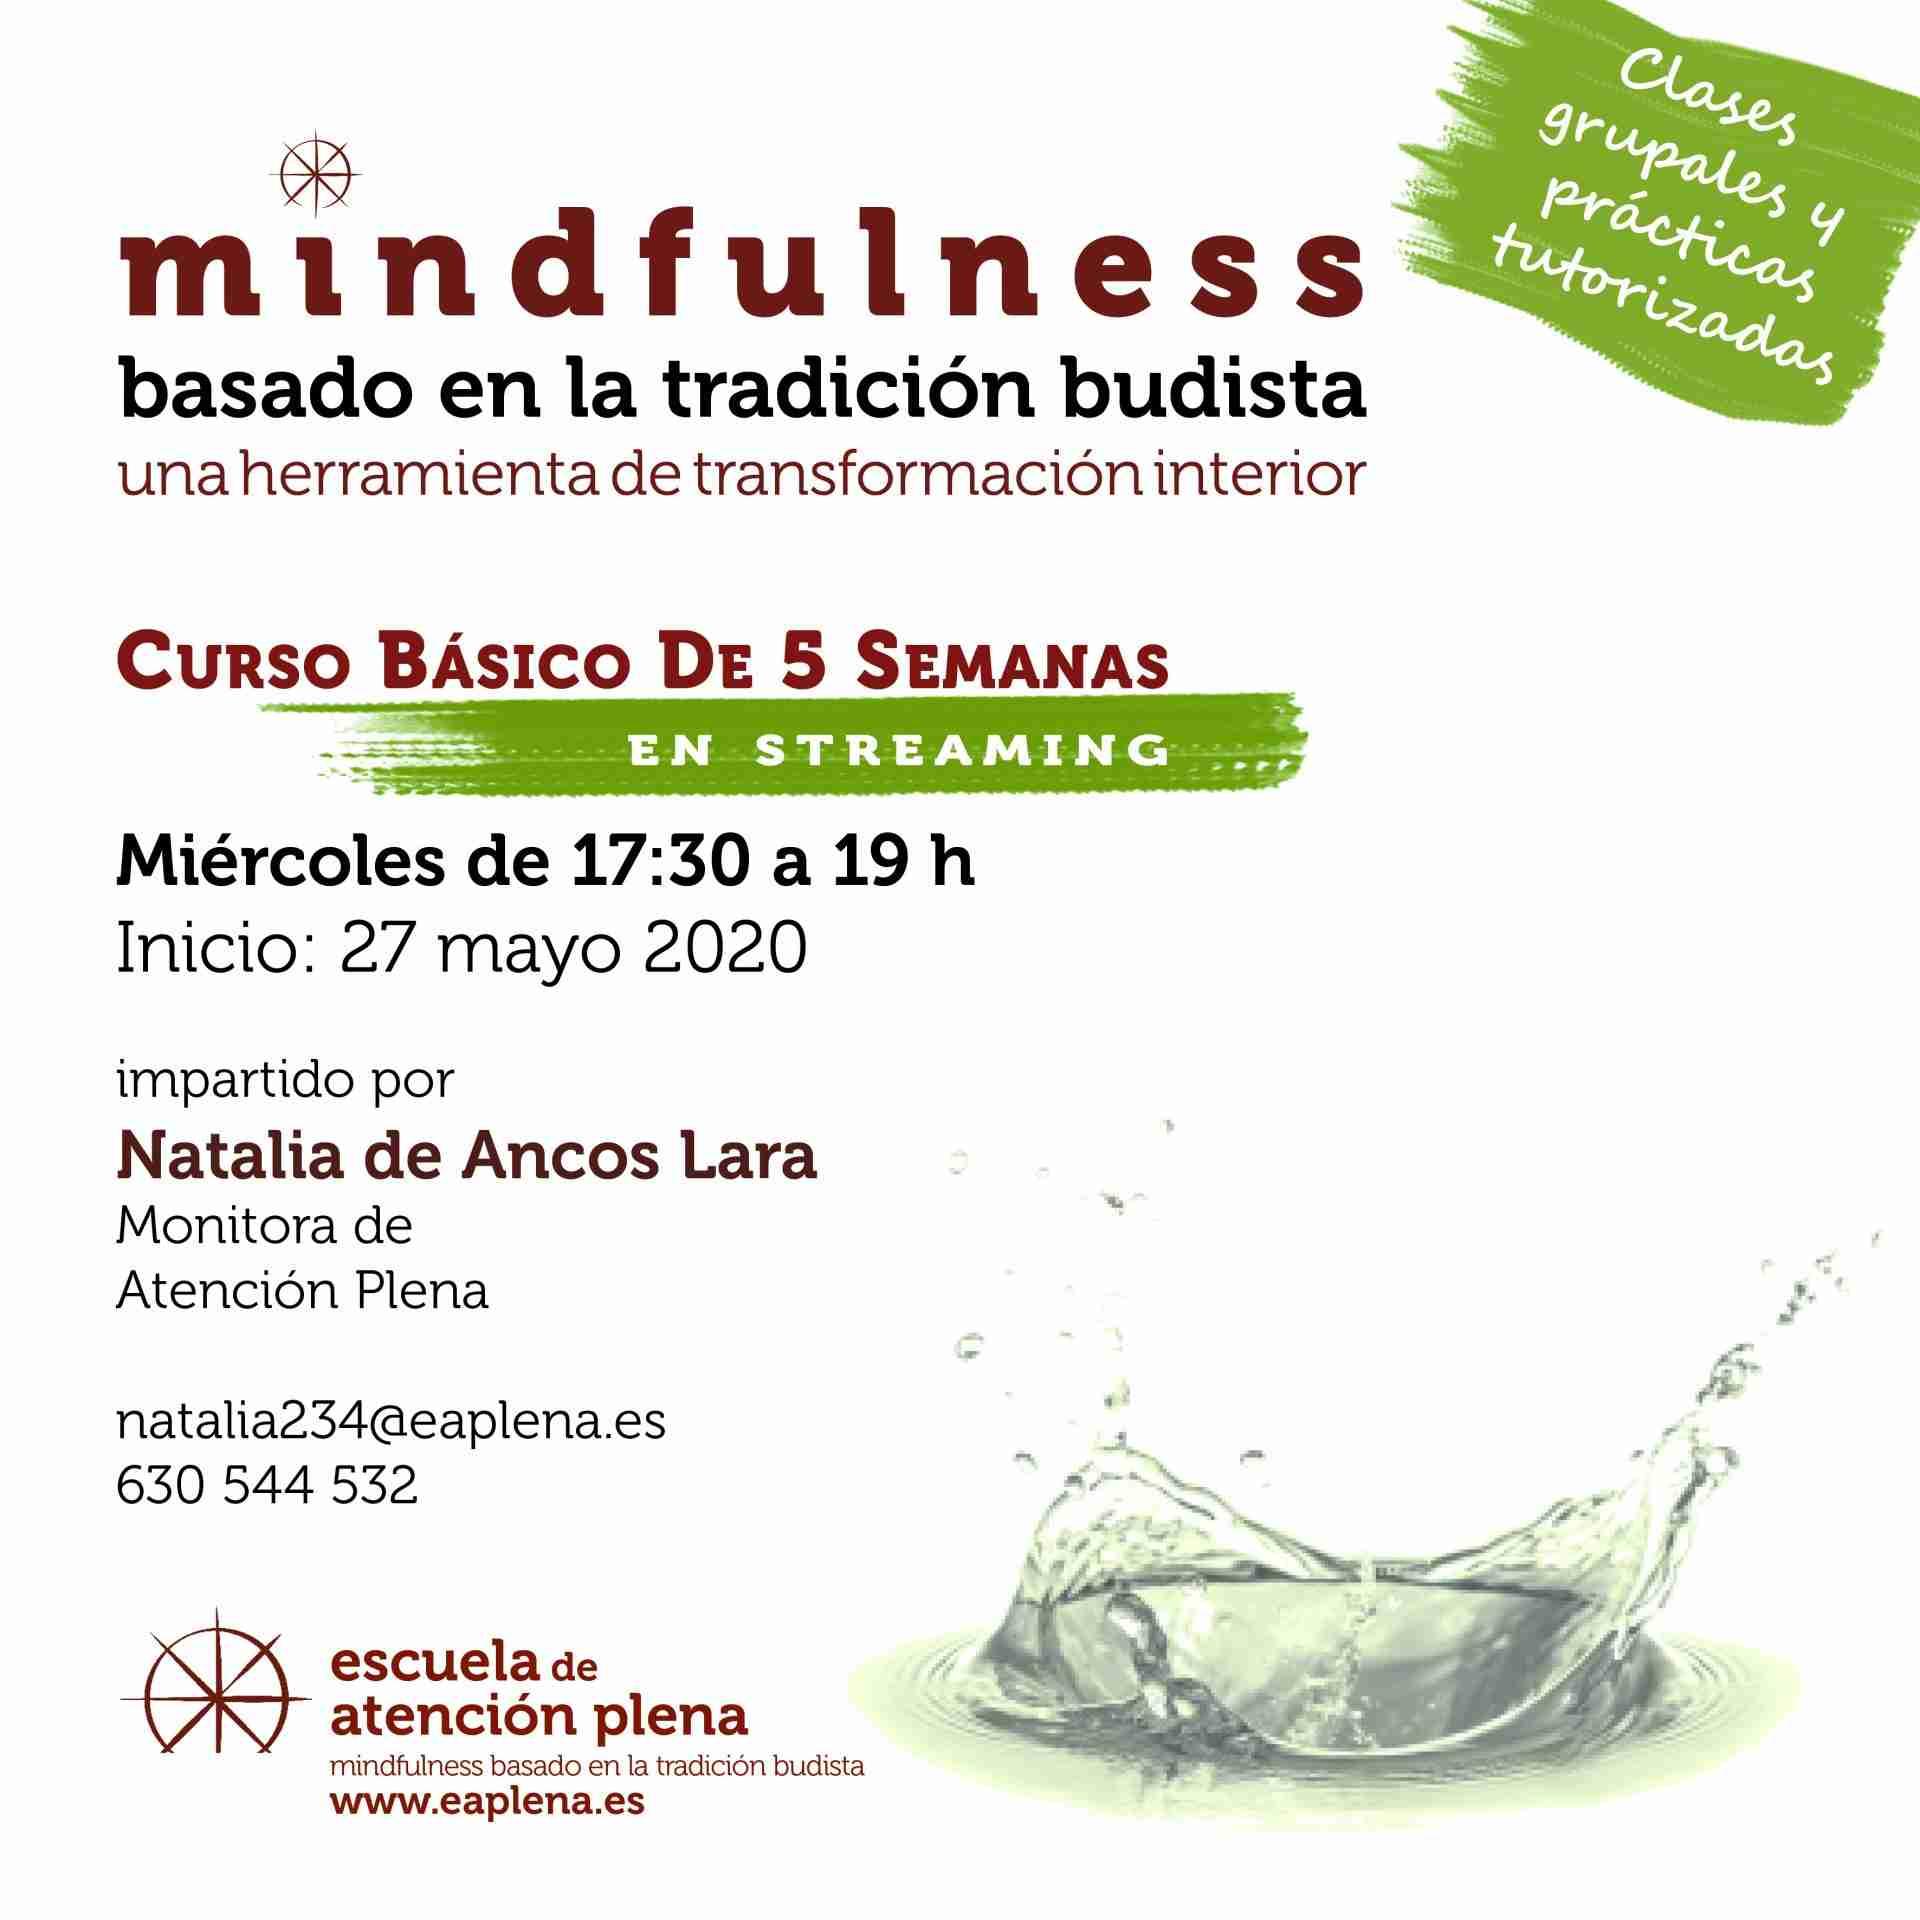 Curso Básico de 5 Semanas en streaming 1 234 de Ancos Lara Natalia 27-04-2020